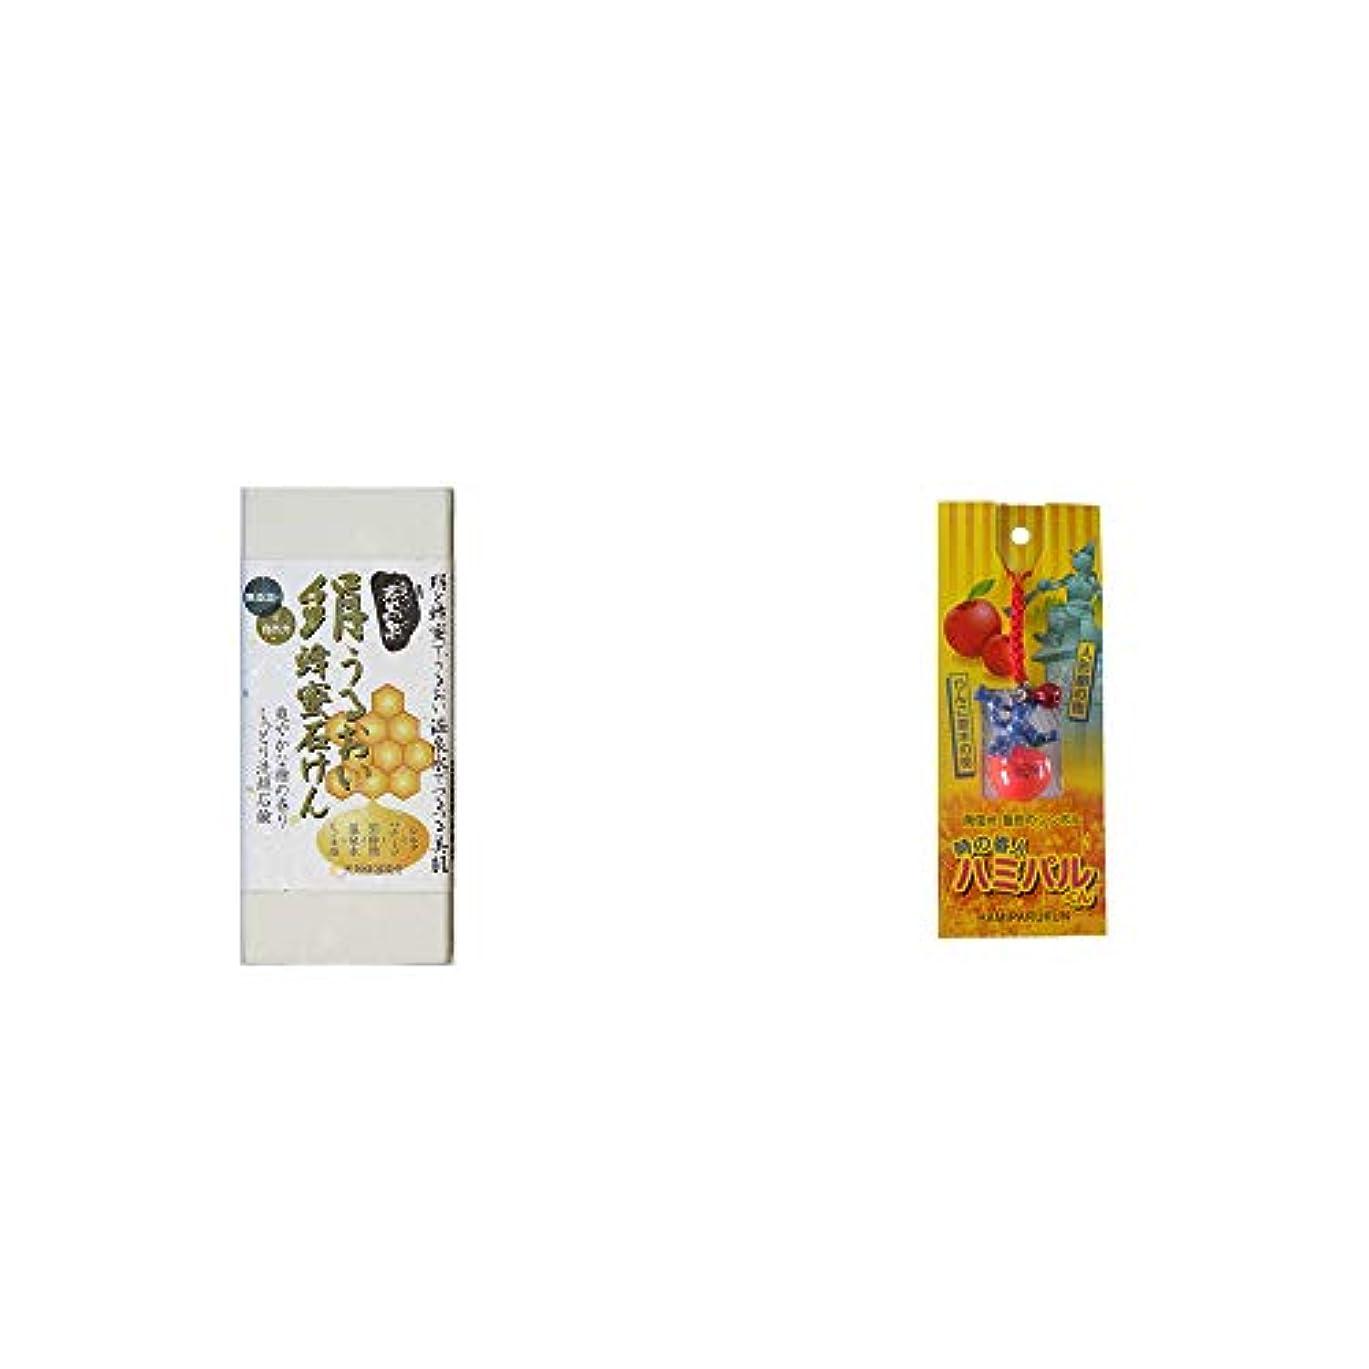 国歌好奇心東部[2点セット] ひのき炭黒泉 絹うるおい蜂蜜石けん(75g×2)?信州?飯田のシンボル 時の番人ハミパルくんストラップ